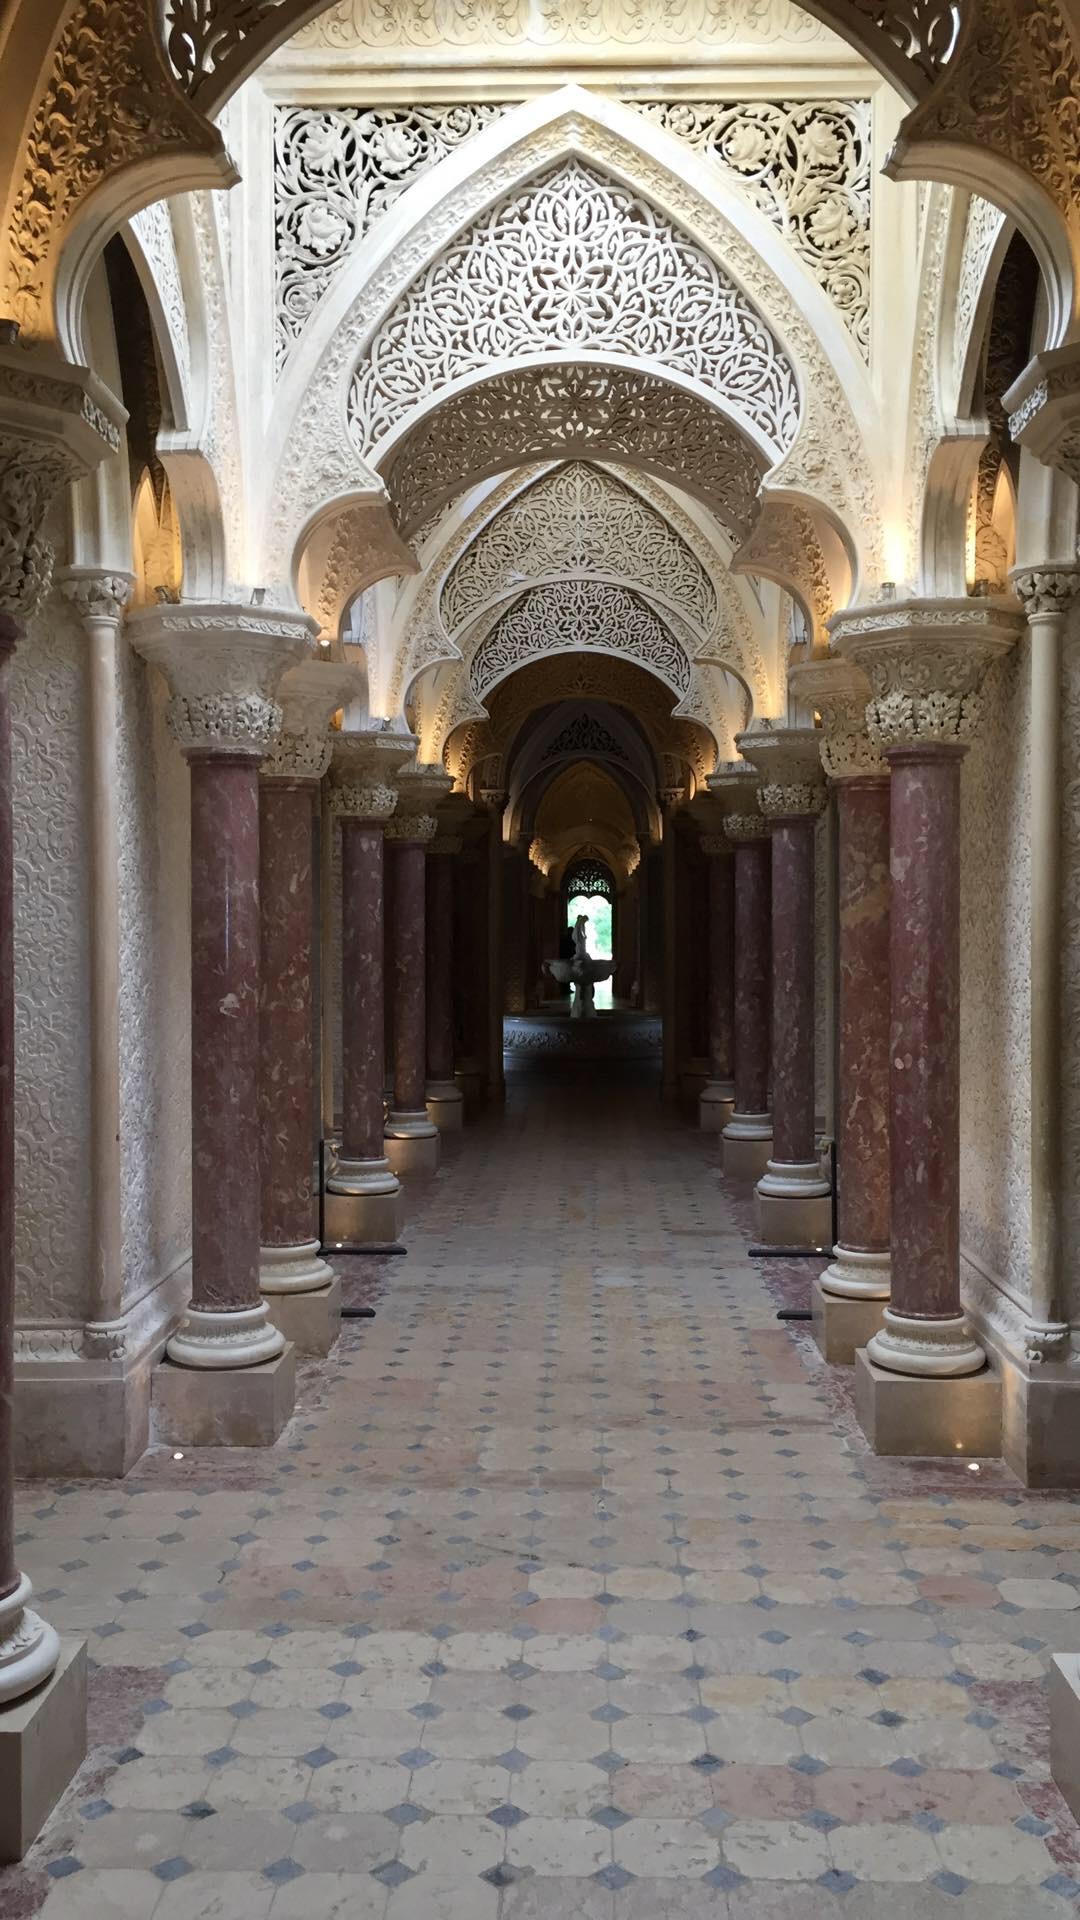 Esse magnifico corredor, conecta as três torres do Palácio e liga o hall principal à sala de música, ao fundo. O fluxo do Chi é conduzido pelos diversos arcos que elevam o olhar do visitante e distraem com sua beleza rendada, em tema floral.